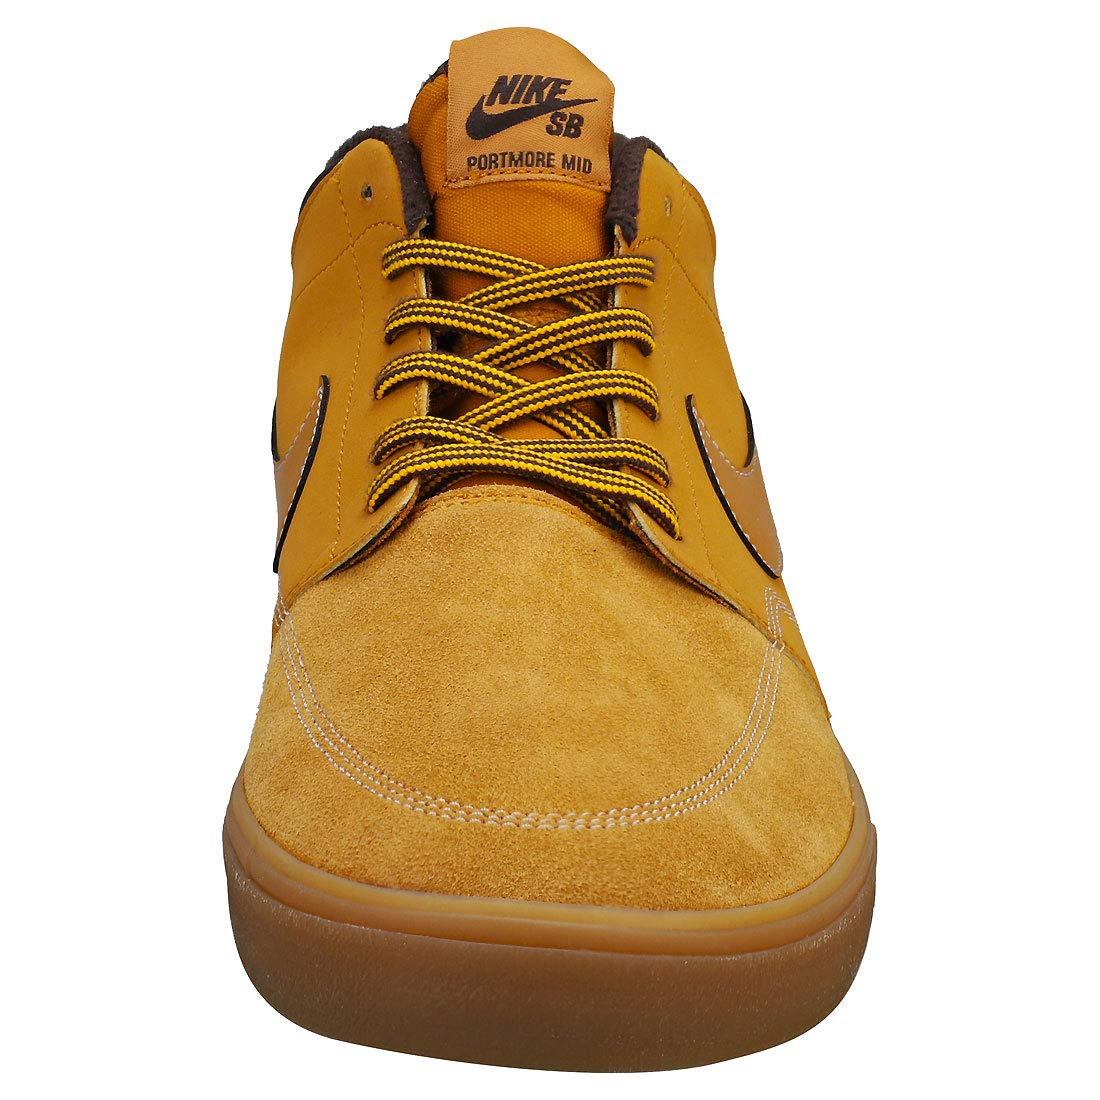 36068e34b5 Nike Adults Sb Portmore Ii SLR M Bota Skateboarding Shoes Multicolour Bronze /Gum Light Brown 779, 6 UK: Amazon.co.uk: Shoes & Bags